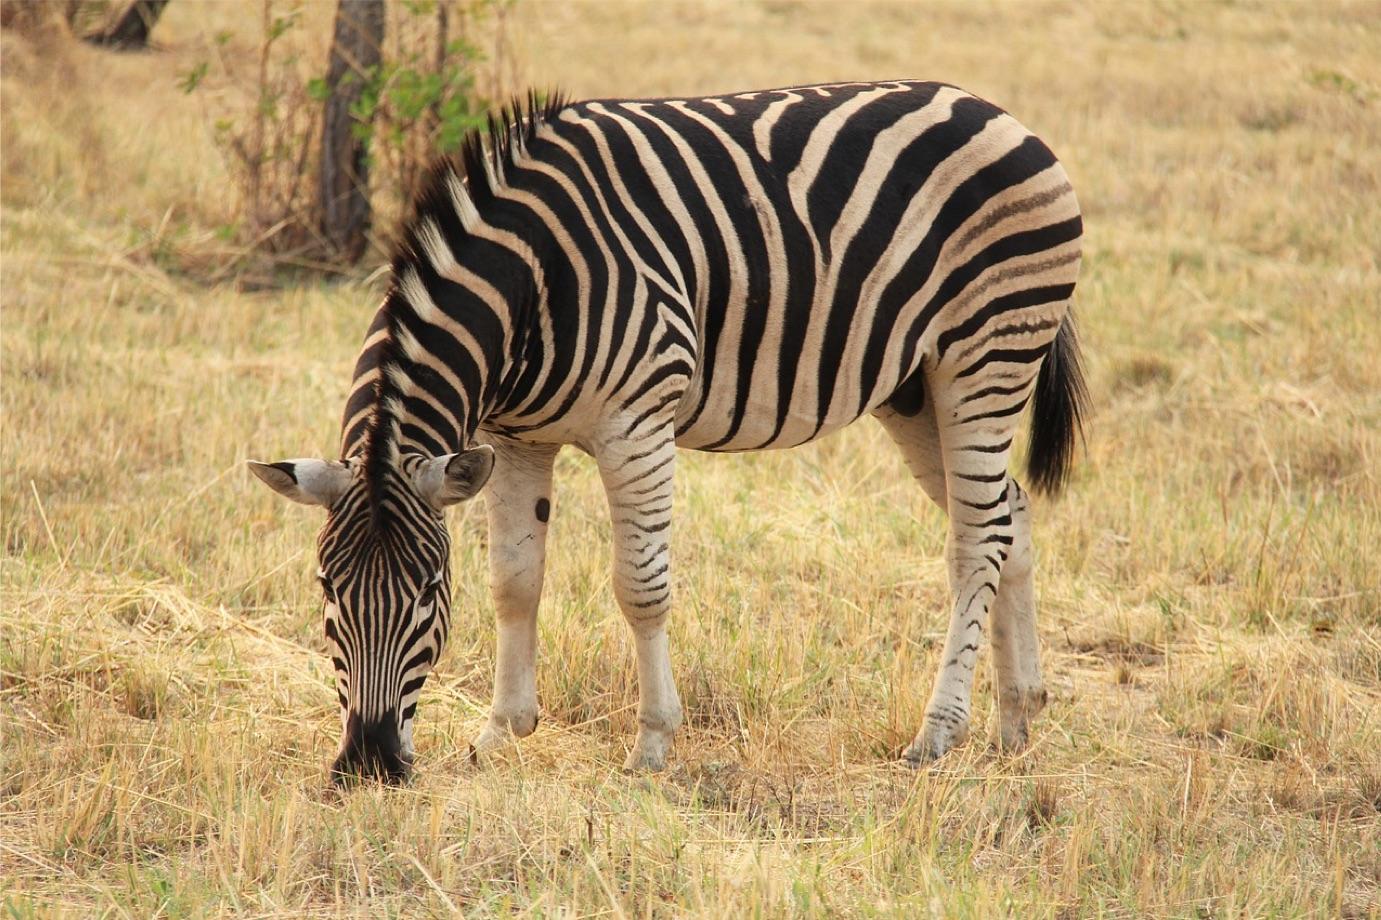 2022年 2/23 南非豪華9日遊 匹林斯堡國家動物園Pilanesberg National Park—普利托利亞—約翰尼斯堡